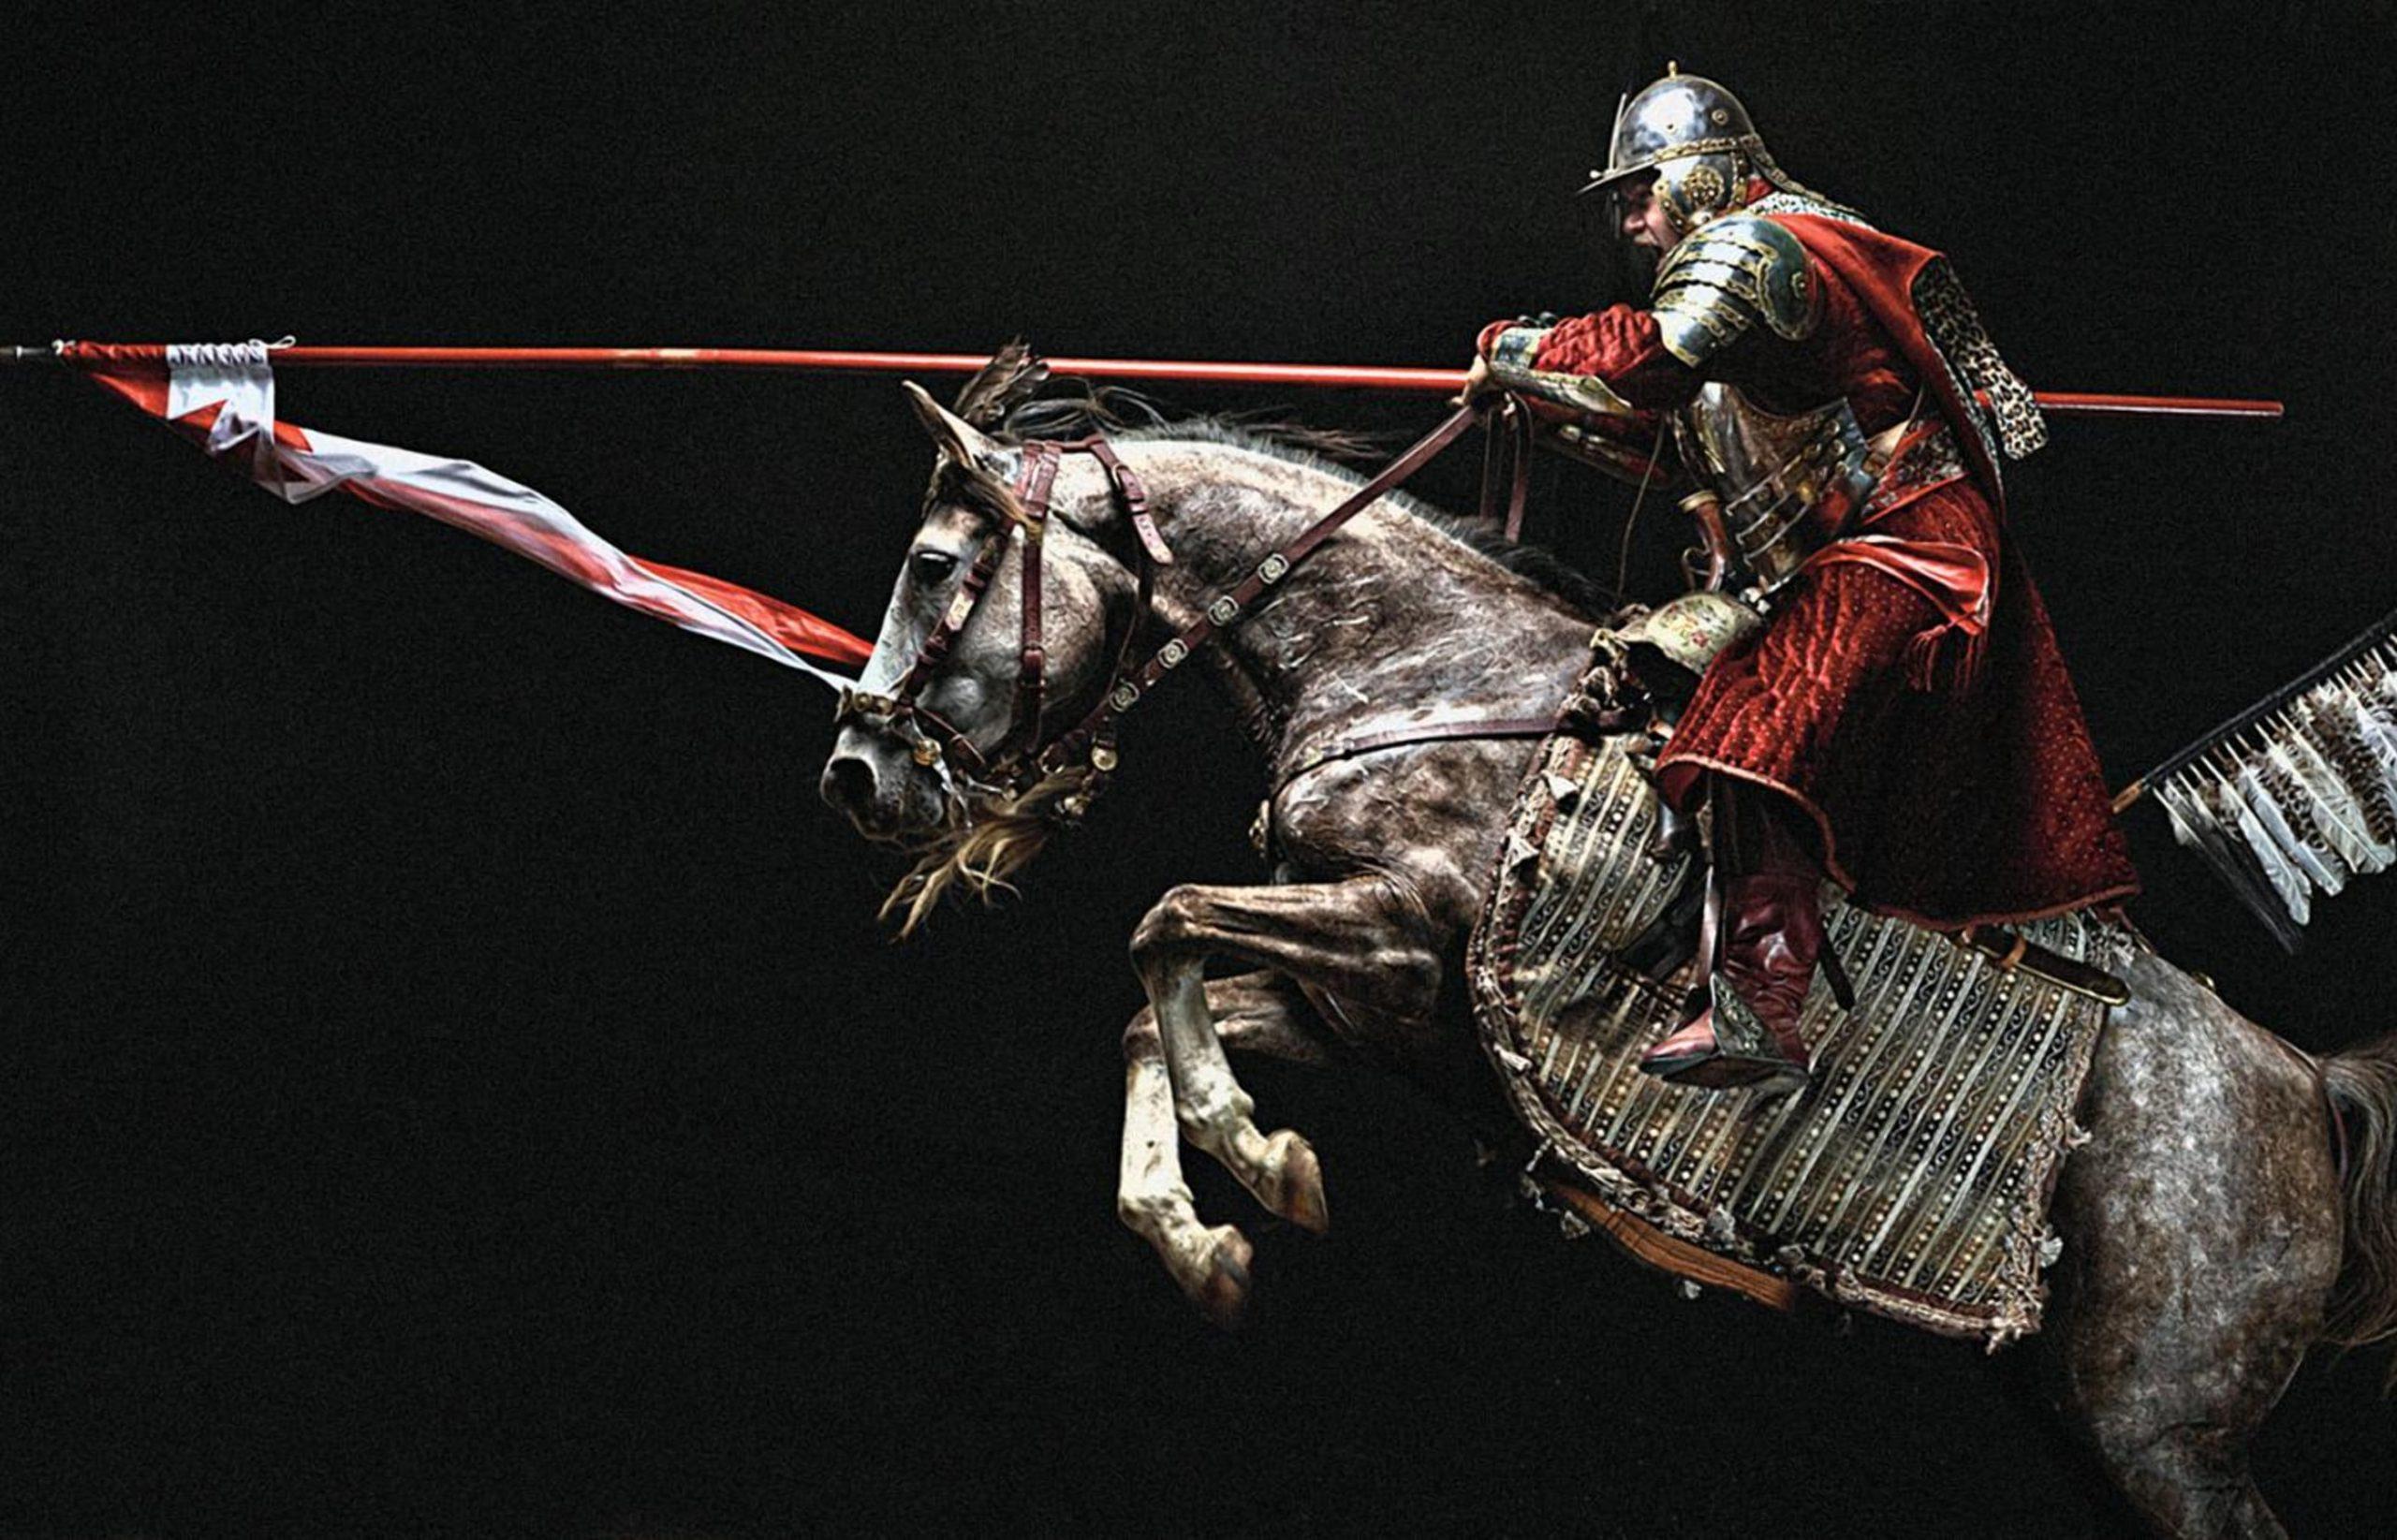 Гусары ВКЛ рассекали вражеское войско